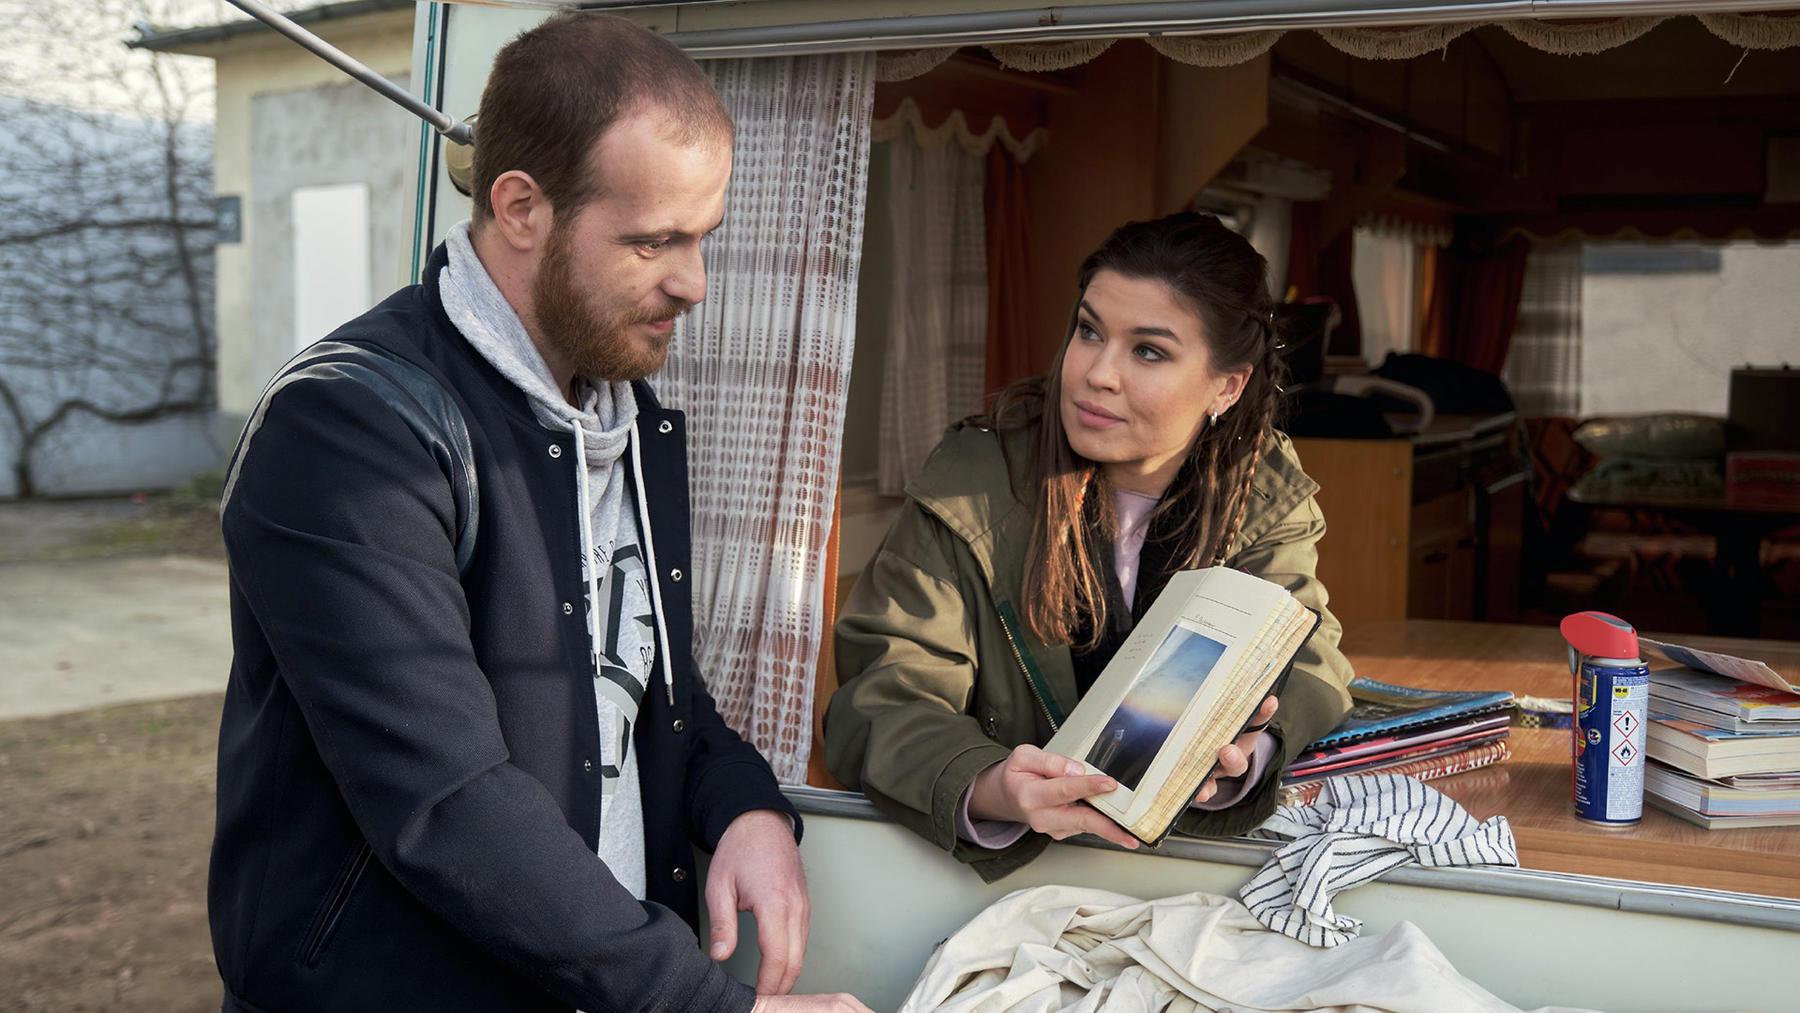 Tobias akzeptiert, dass Vivien und er nur noch Freunde sind